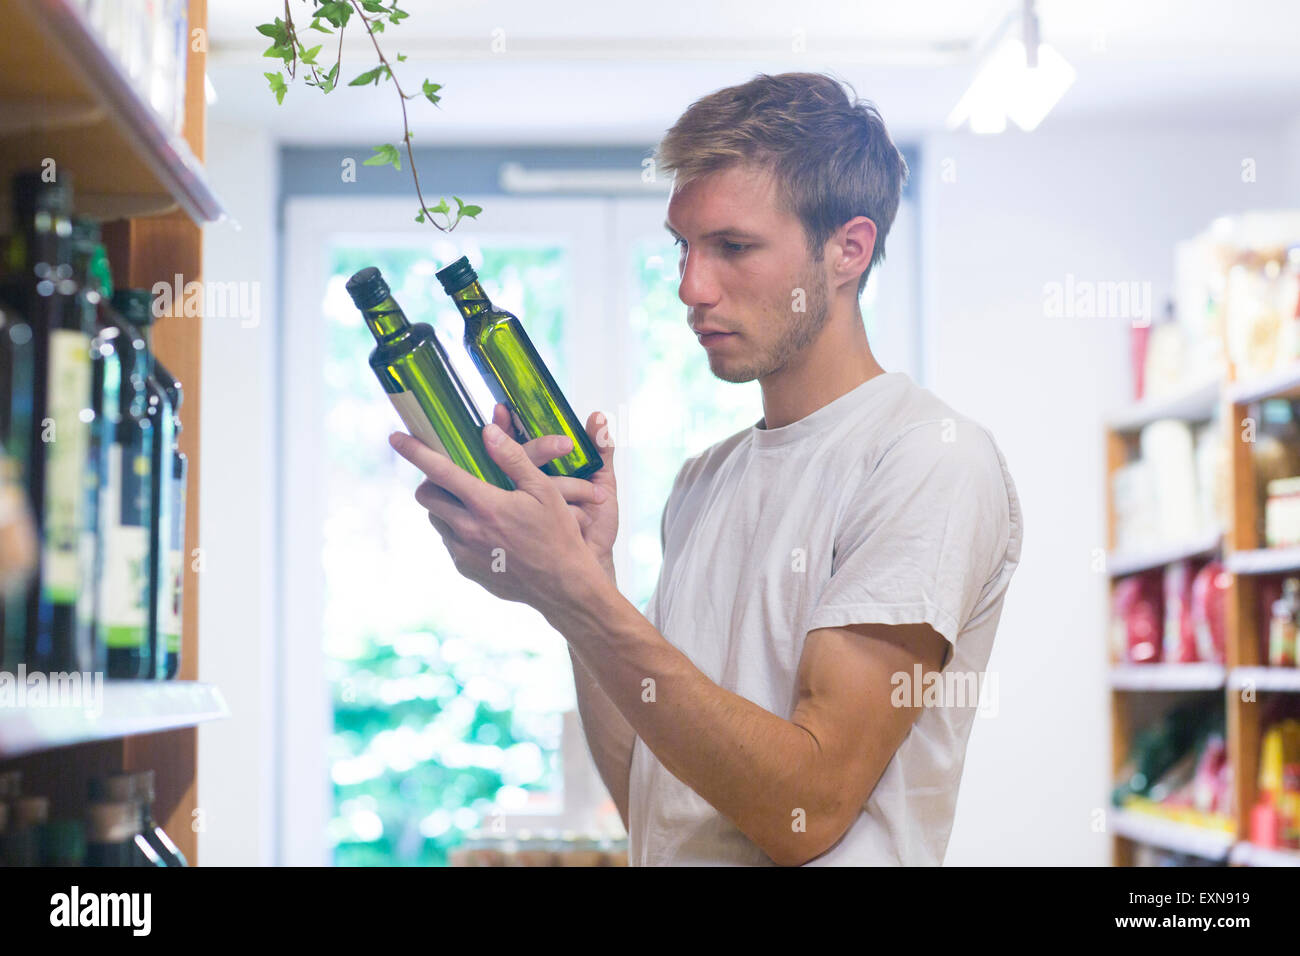 Homme employé de magasin de marchandises en magasin d'aliments complets de tri Photo Stock